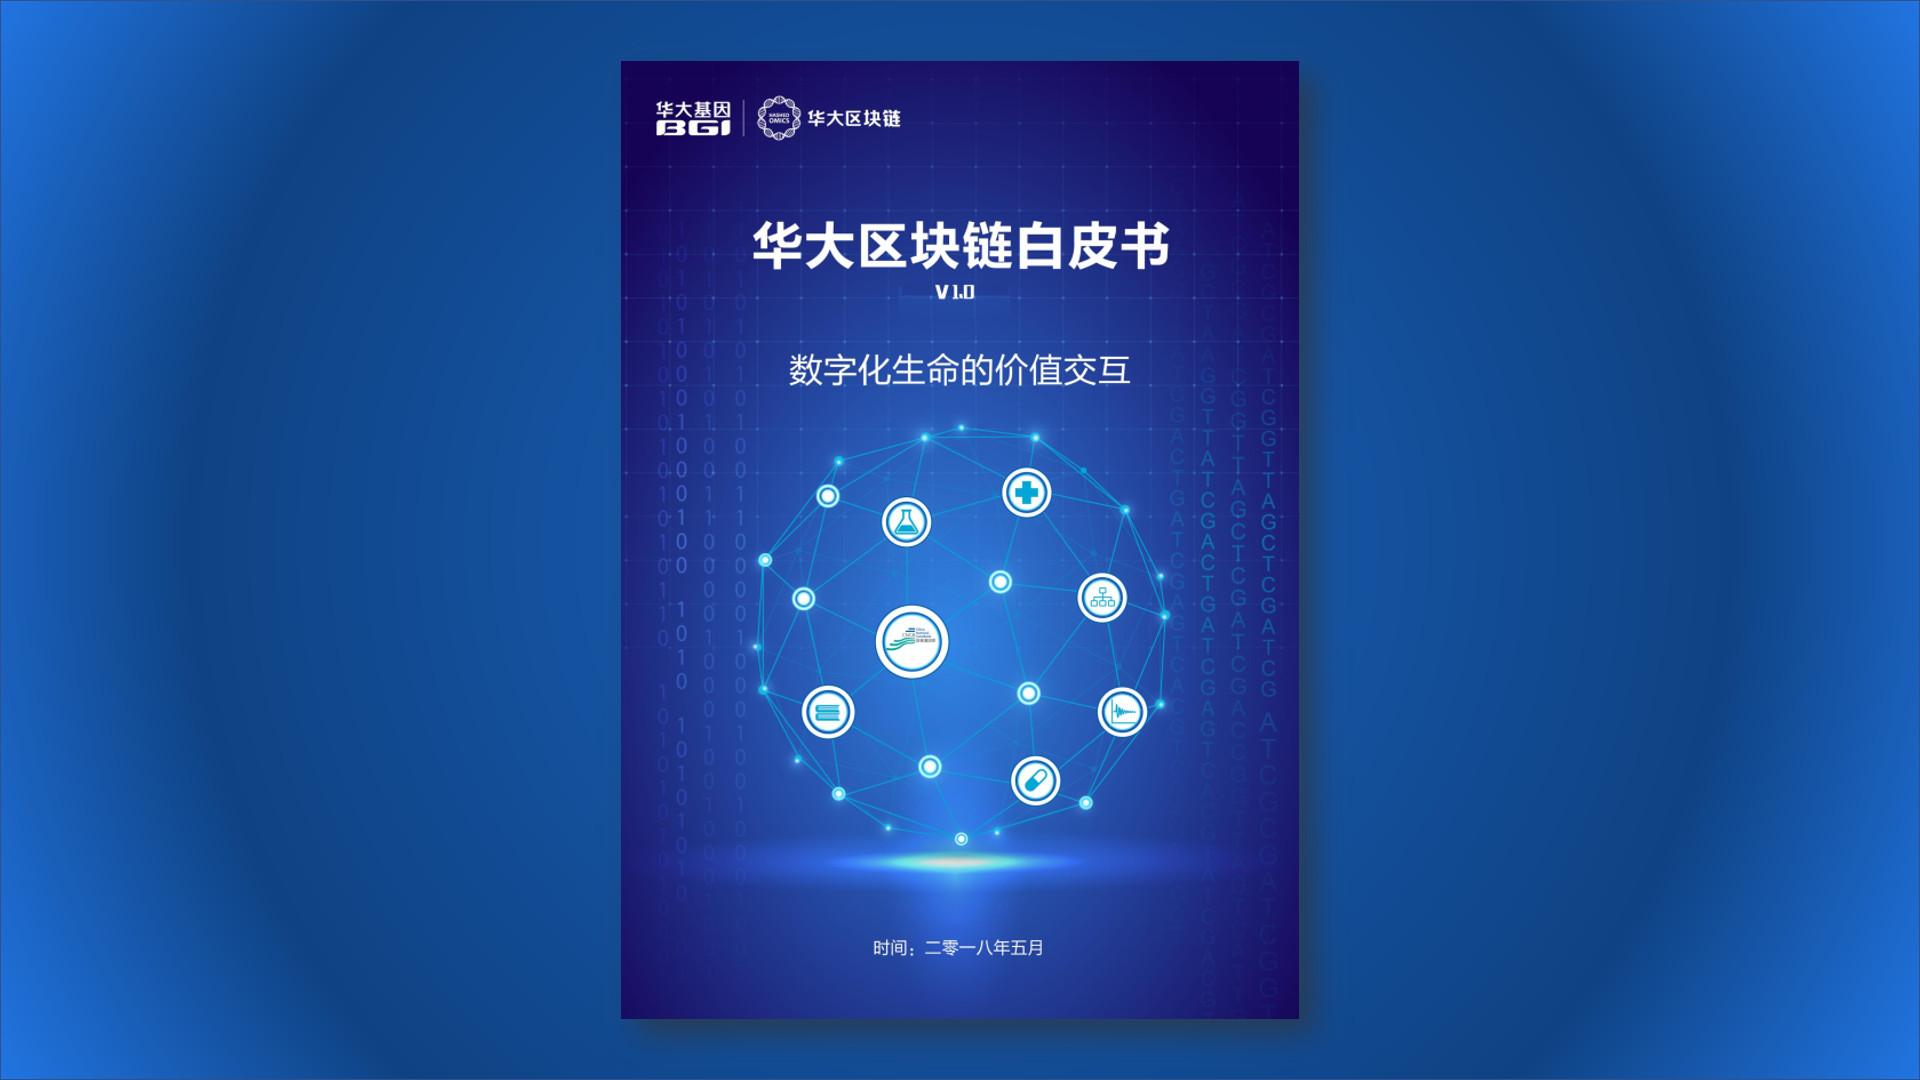 华大基因在数博会上正式发布华大区块链平台及白皮书